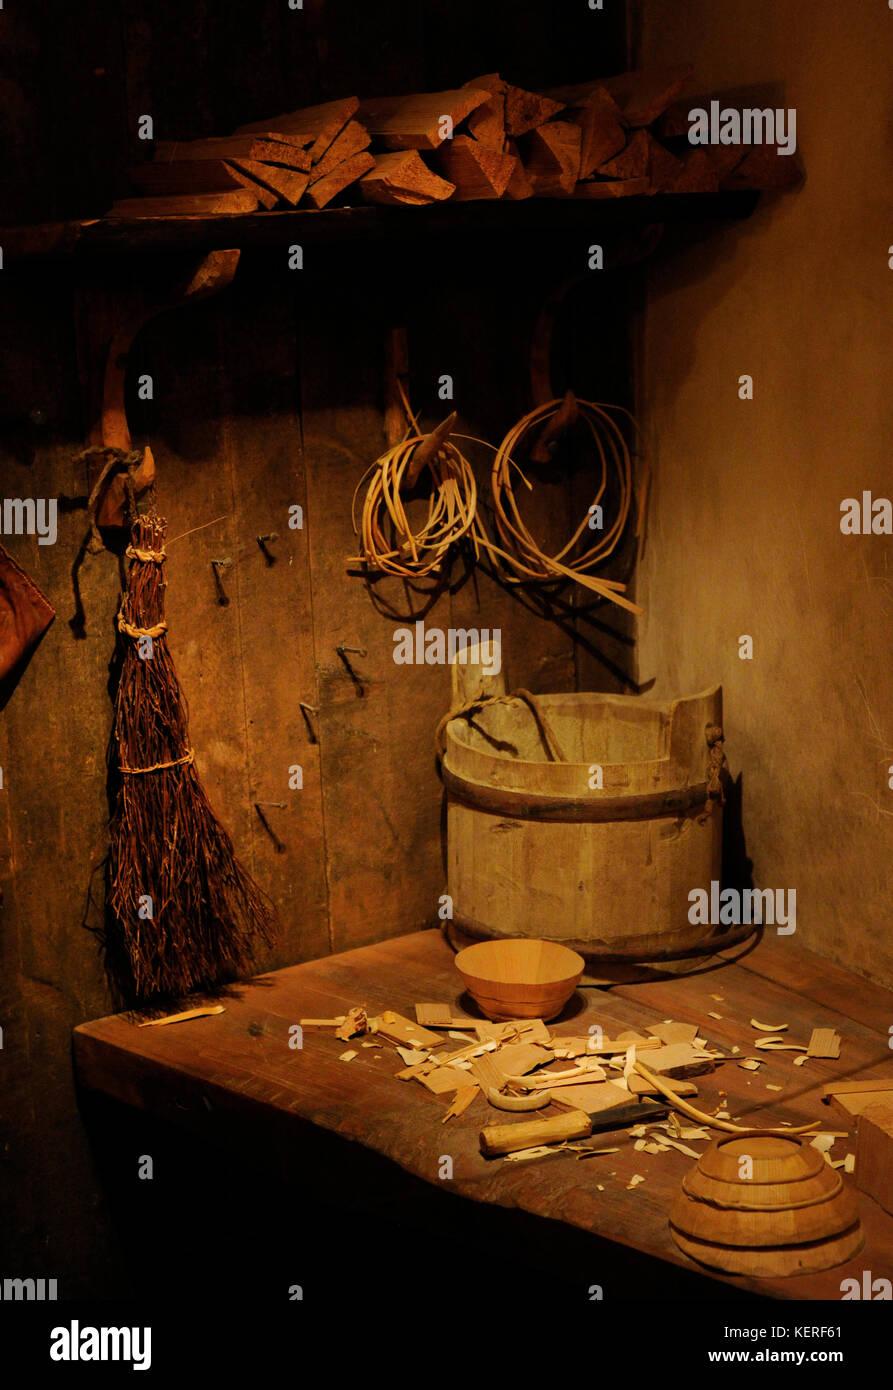 La Svezia. medioevo. interno del jöns workshop, produttore di articoli di vetro, situato a sud della città. Immagini Stock